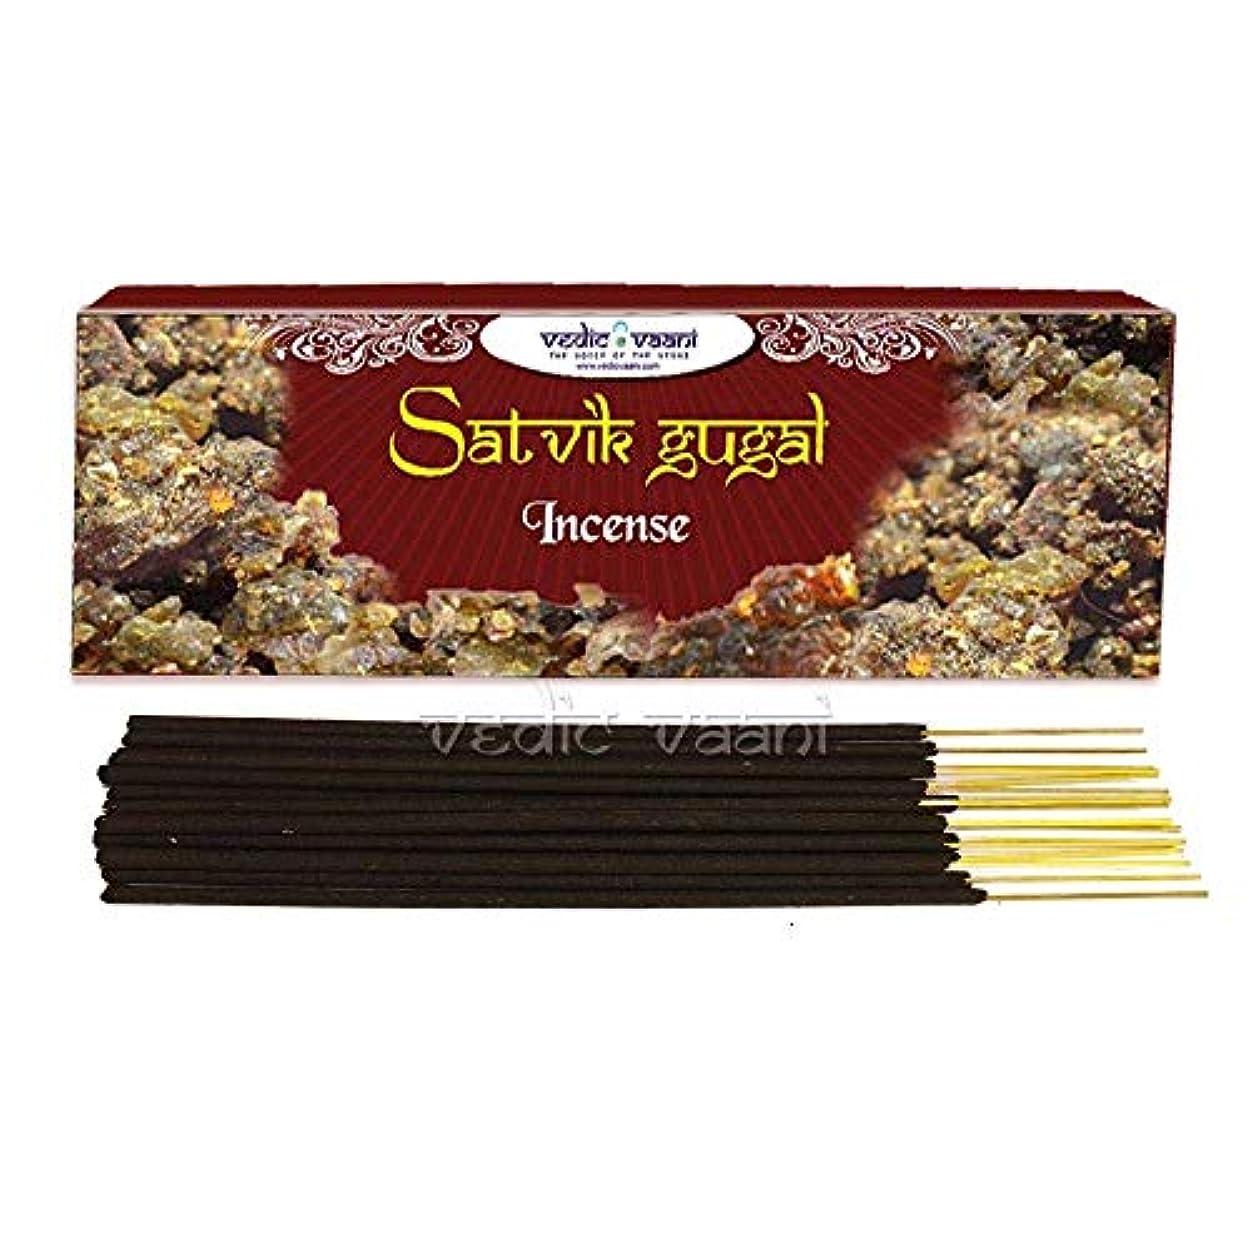 演じる混乱静めるVedic Vaani Satvik Gugal Dhoop Hand Rolled Spiritual Perfume Gugal Fragrance Agarbatti Incense Sticks for Offering Too God & Goddess